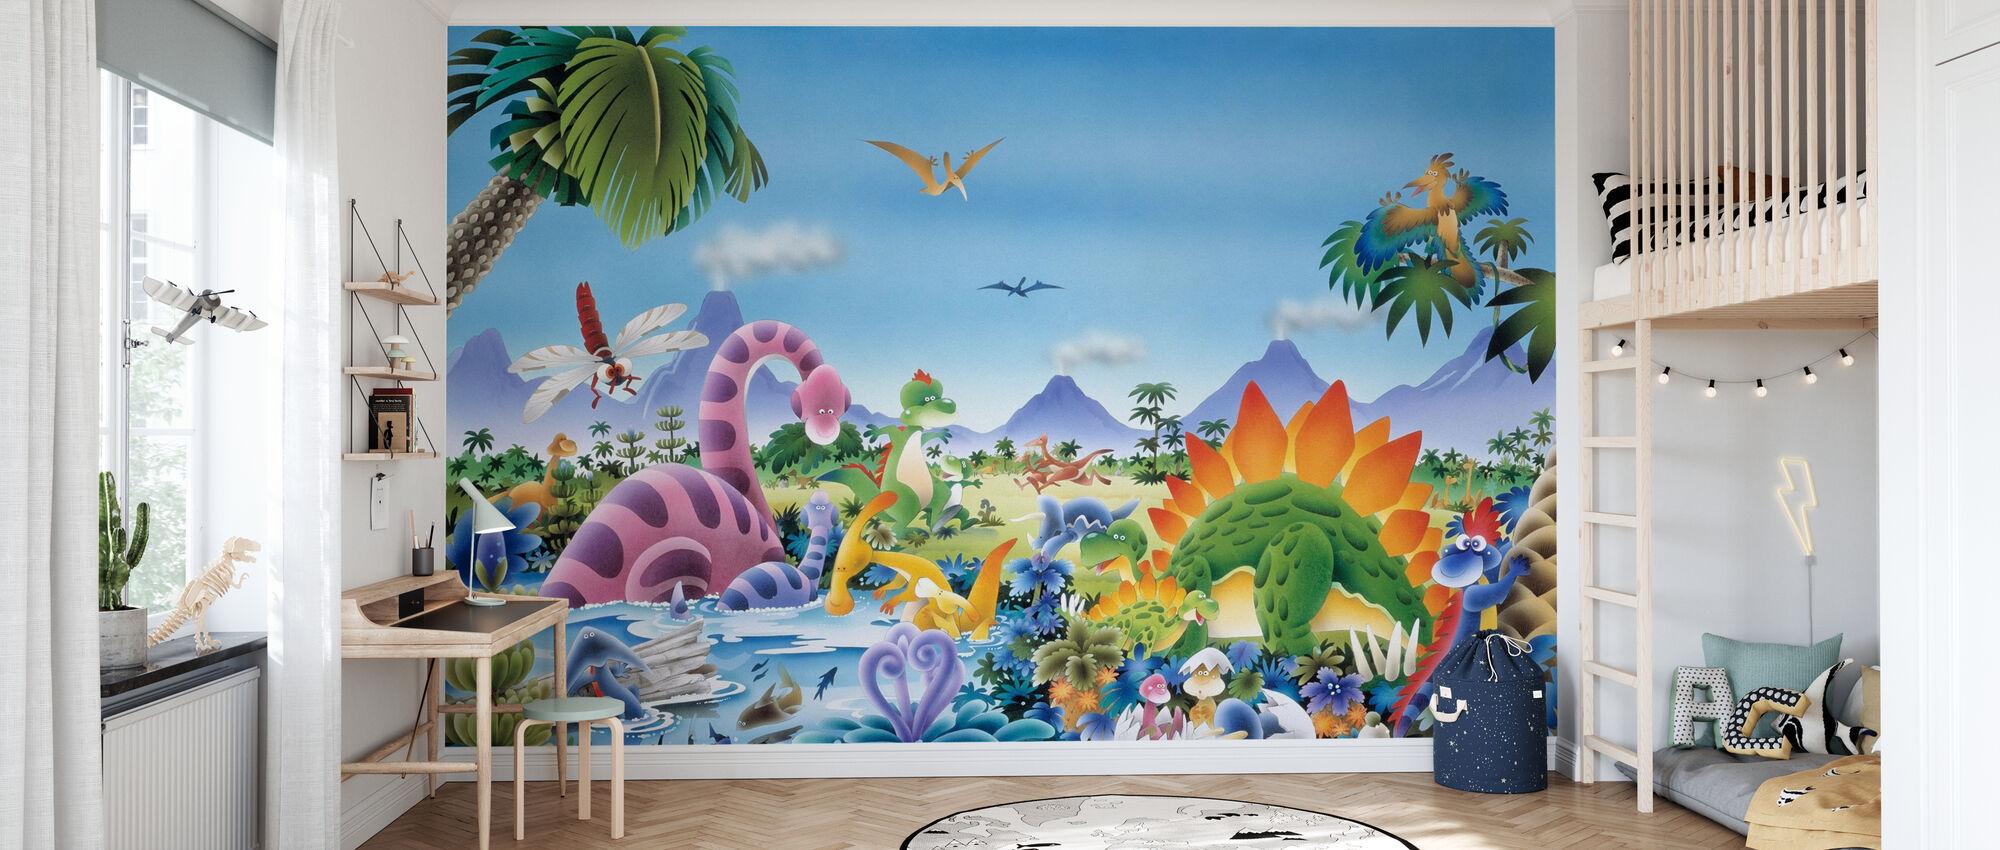 Dinosaur Land - Wallpaper - Kids Room